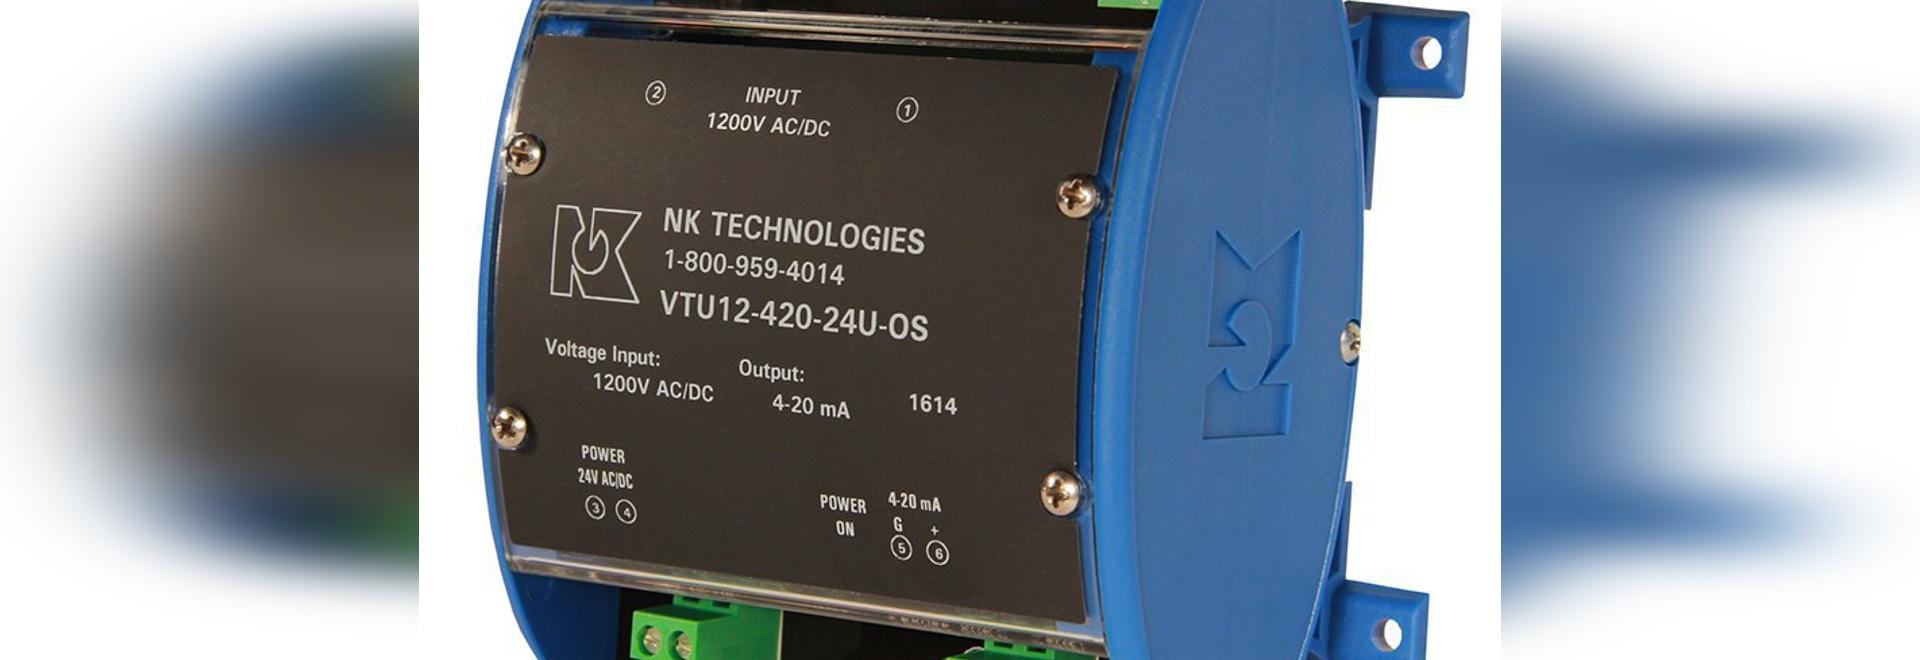 Spannungswandler misst Stromkreisspannungen mit einzelnem Sensor